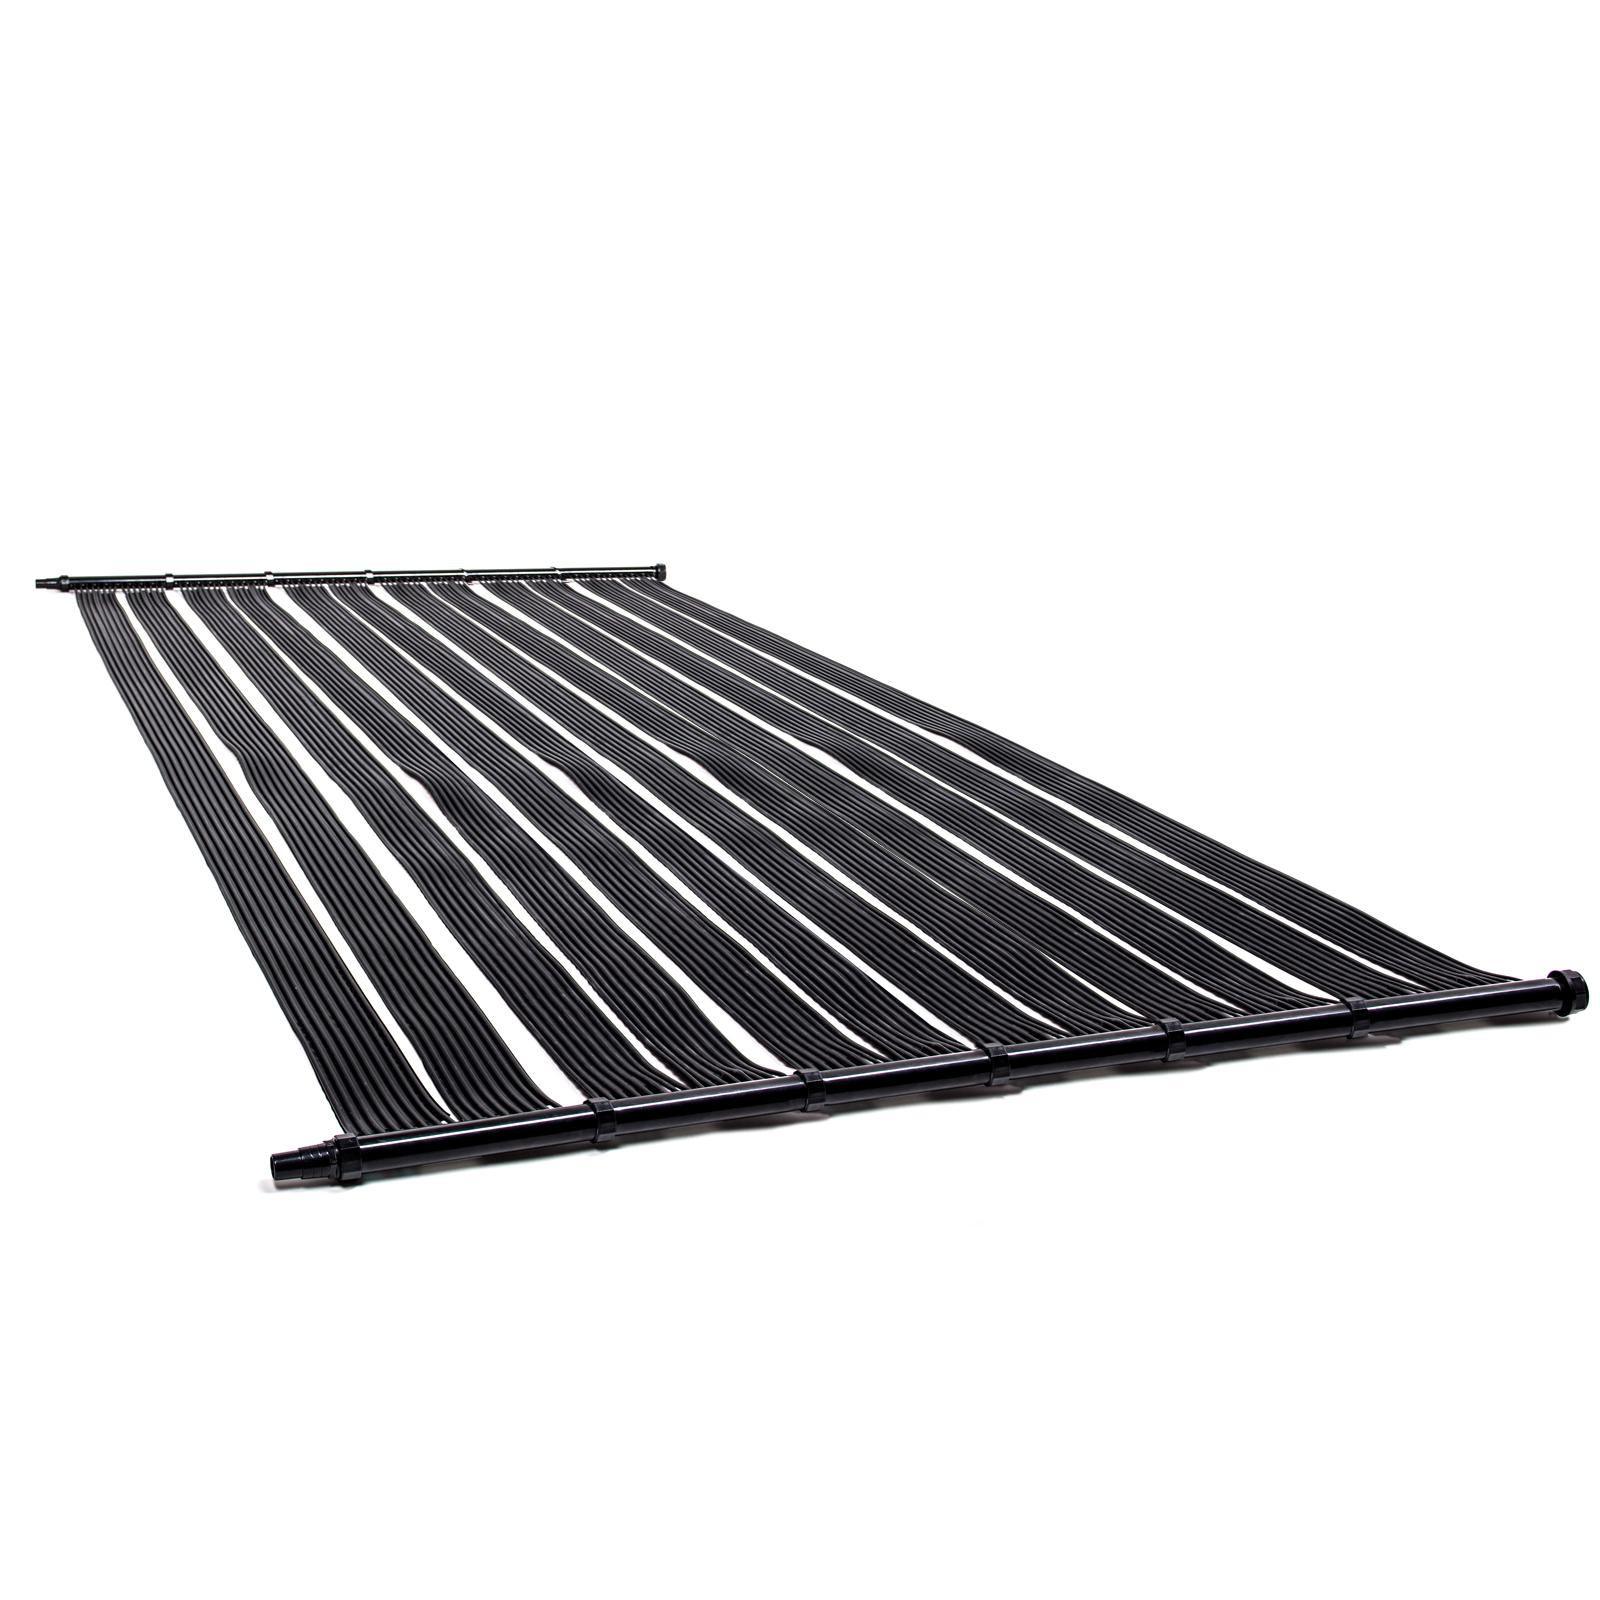 poolheizung solar solarheizung solarmatte solarabsorber solarkollektor bypass ebay. Black Bedroom Furniture Sets. Home Design Ideas